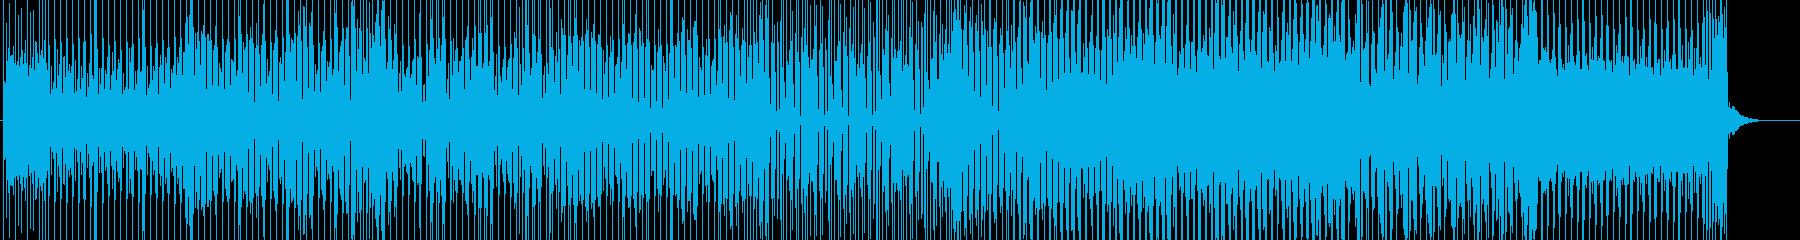 迷宮で戸惑う無機質な感じのテクノ曲の再生済みの波形